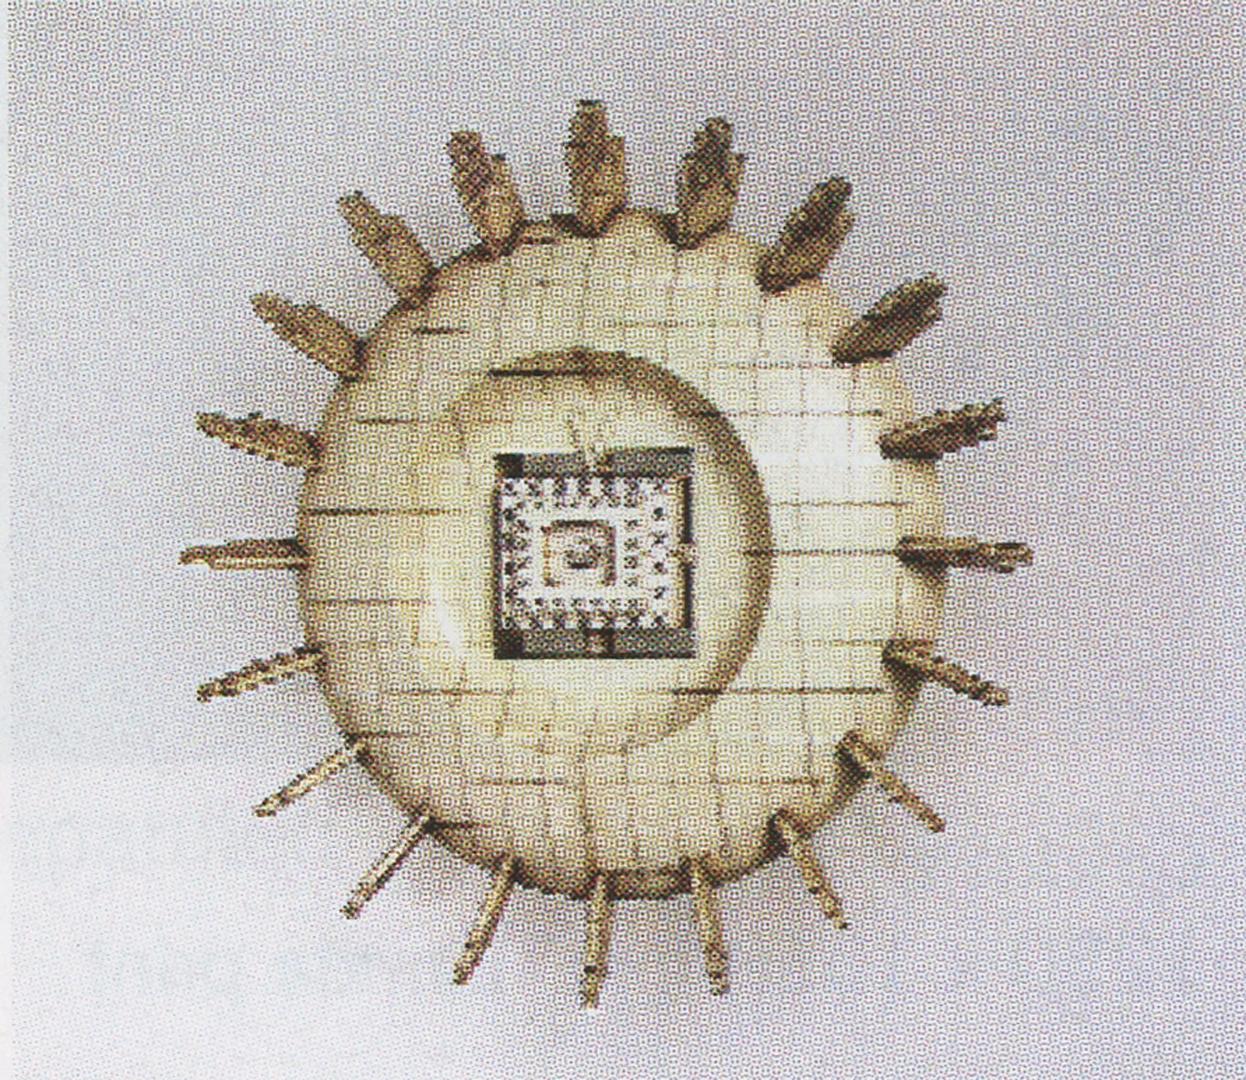 ©2002, Brit Bunkley, Rapid Prototype Sculptures